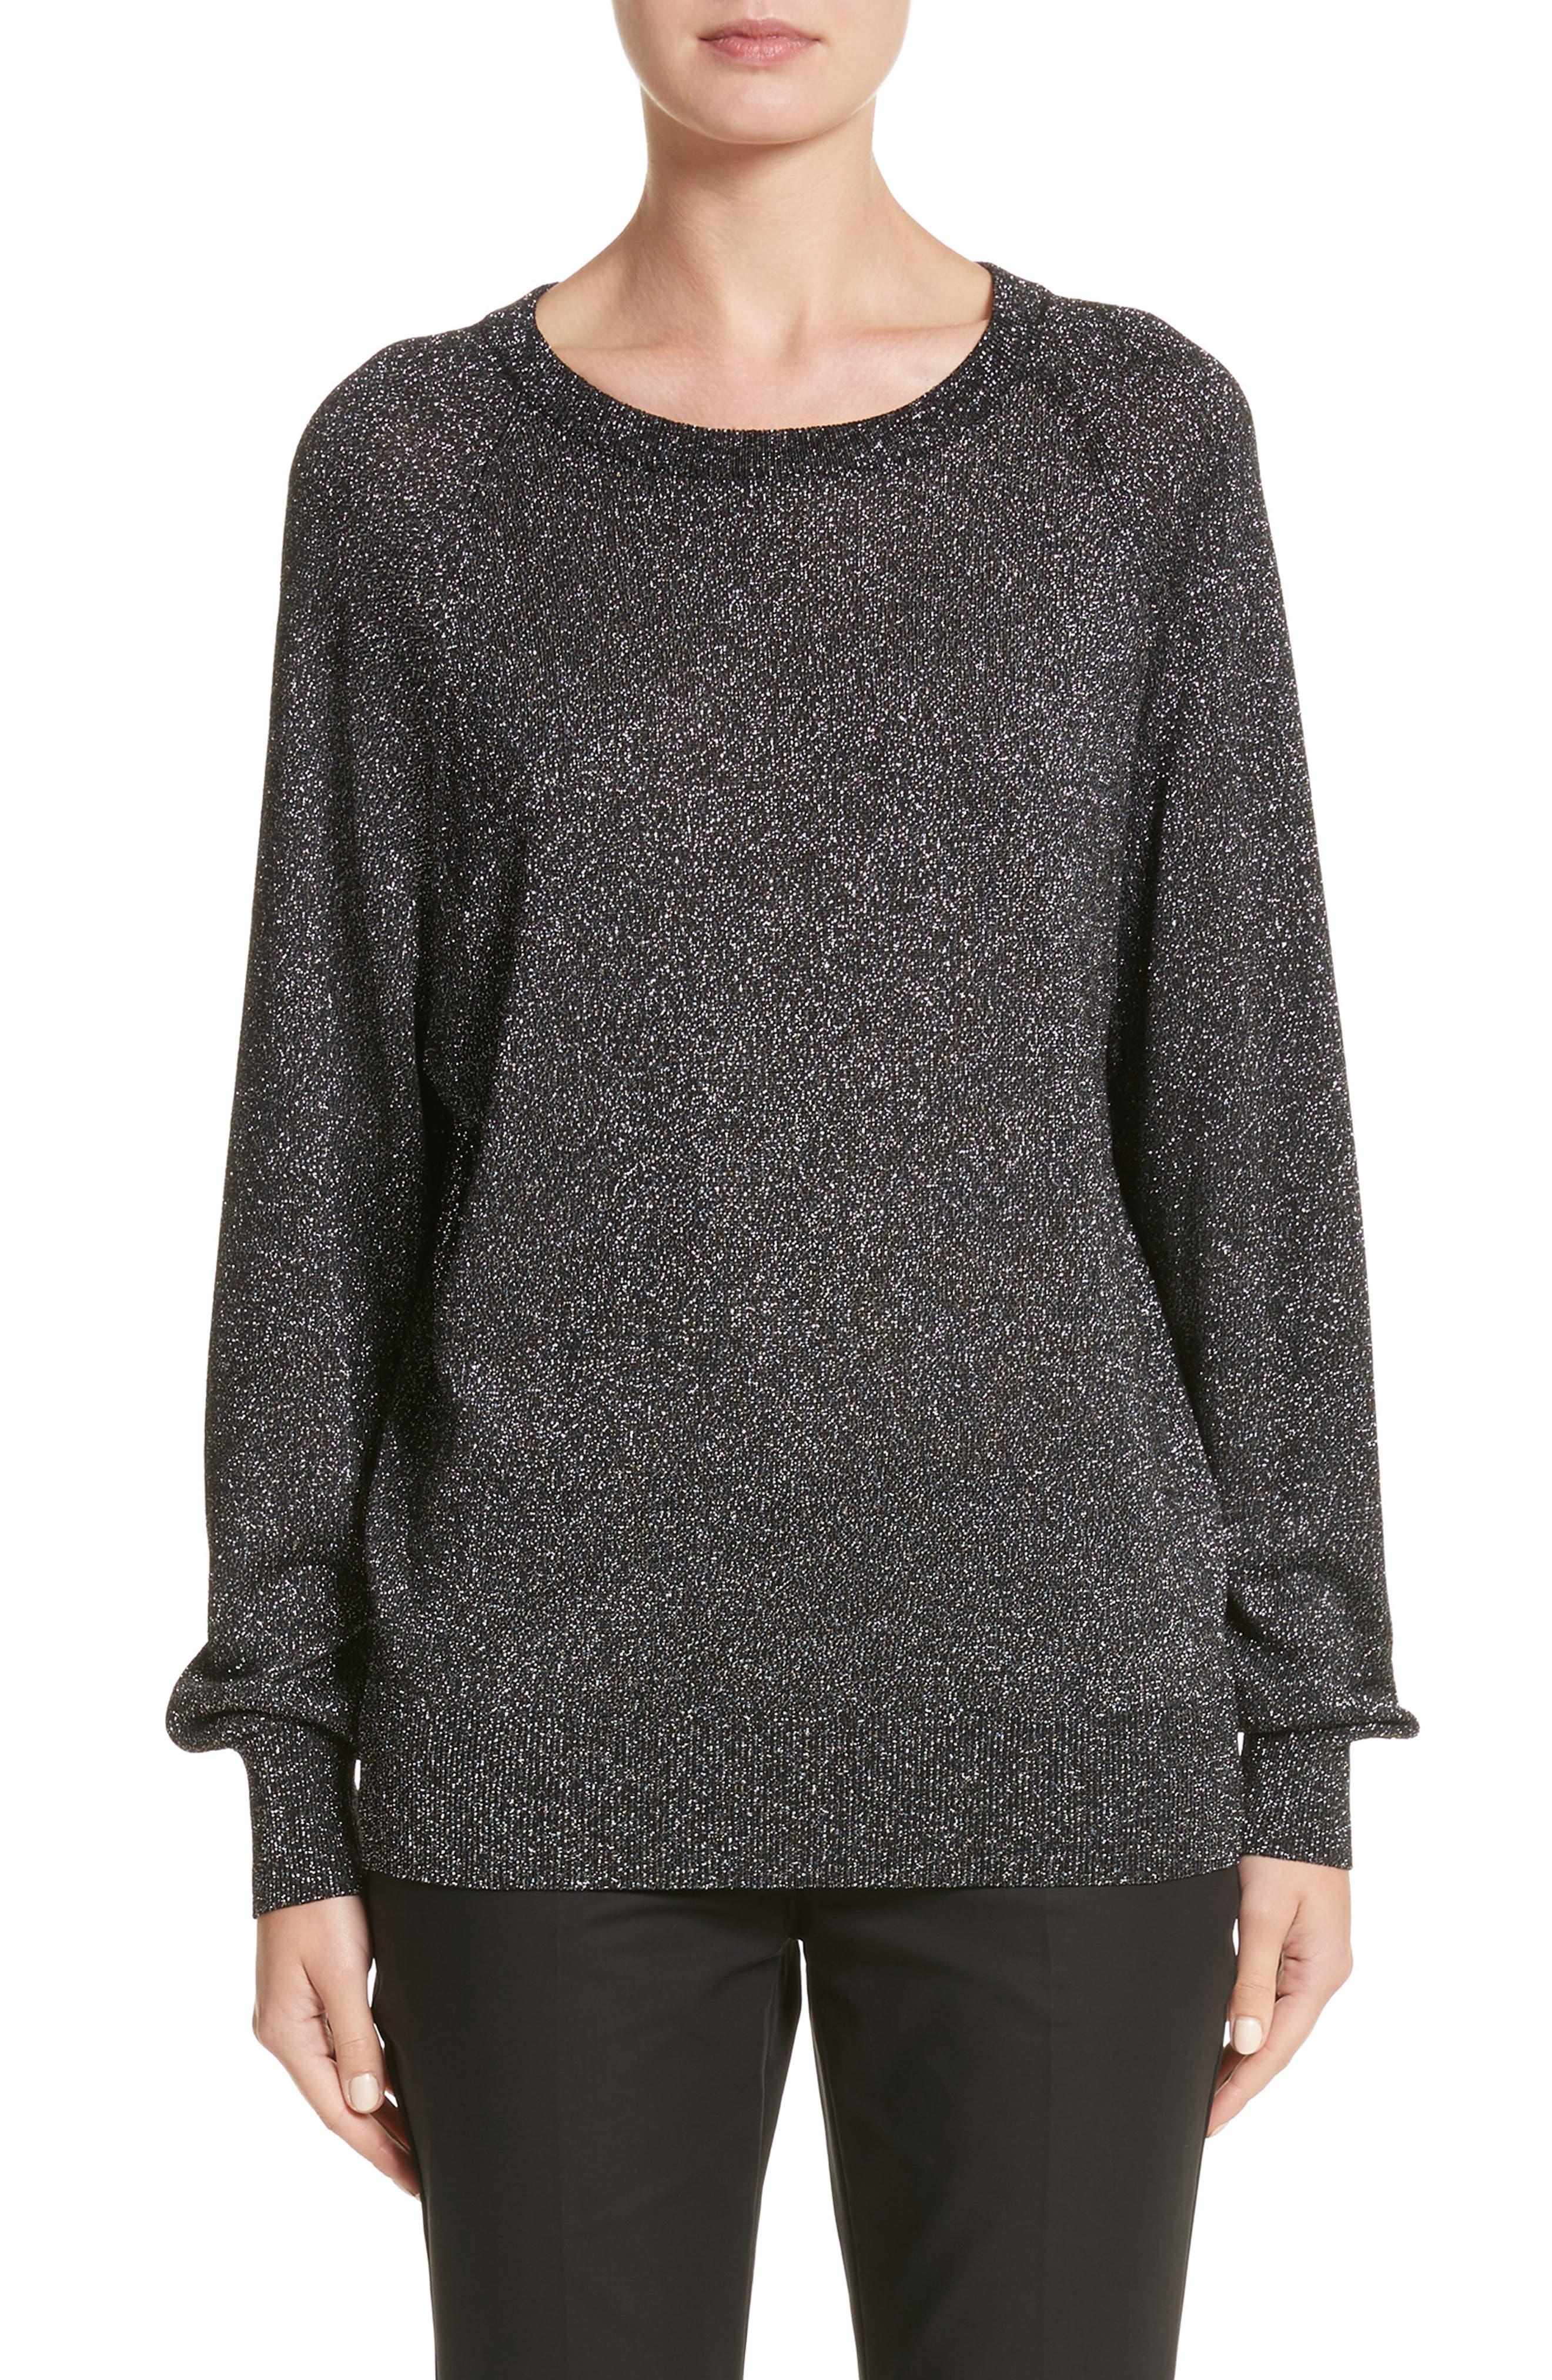 Main Image - Michael Kors Metallic Knit Raglan Pullover